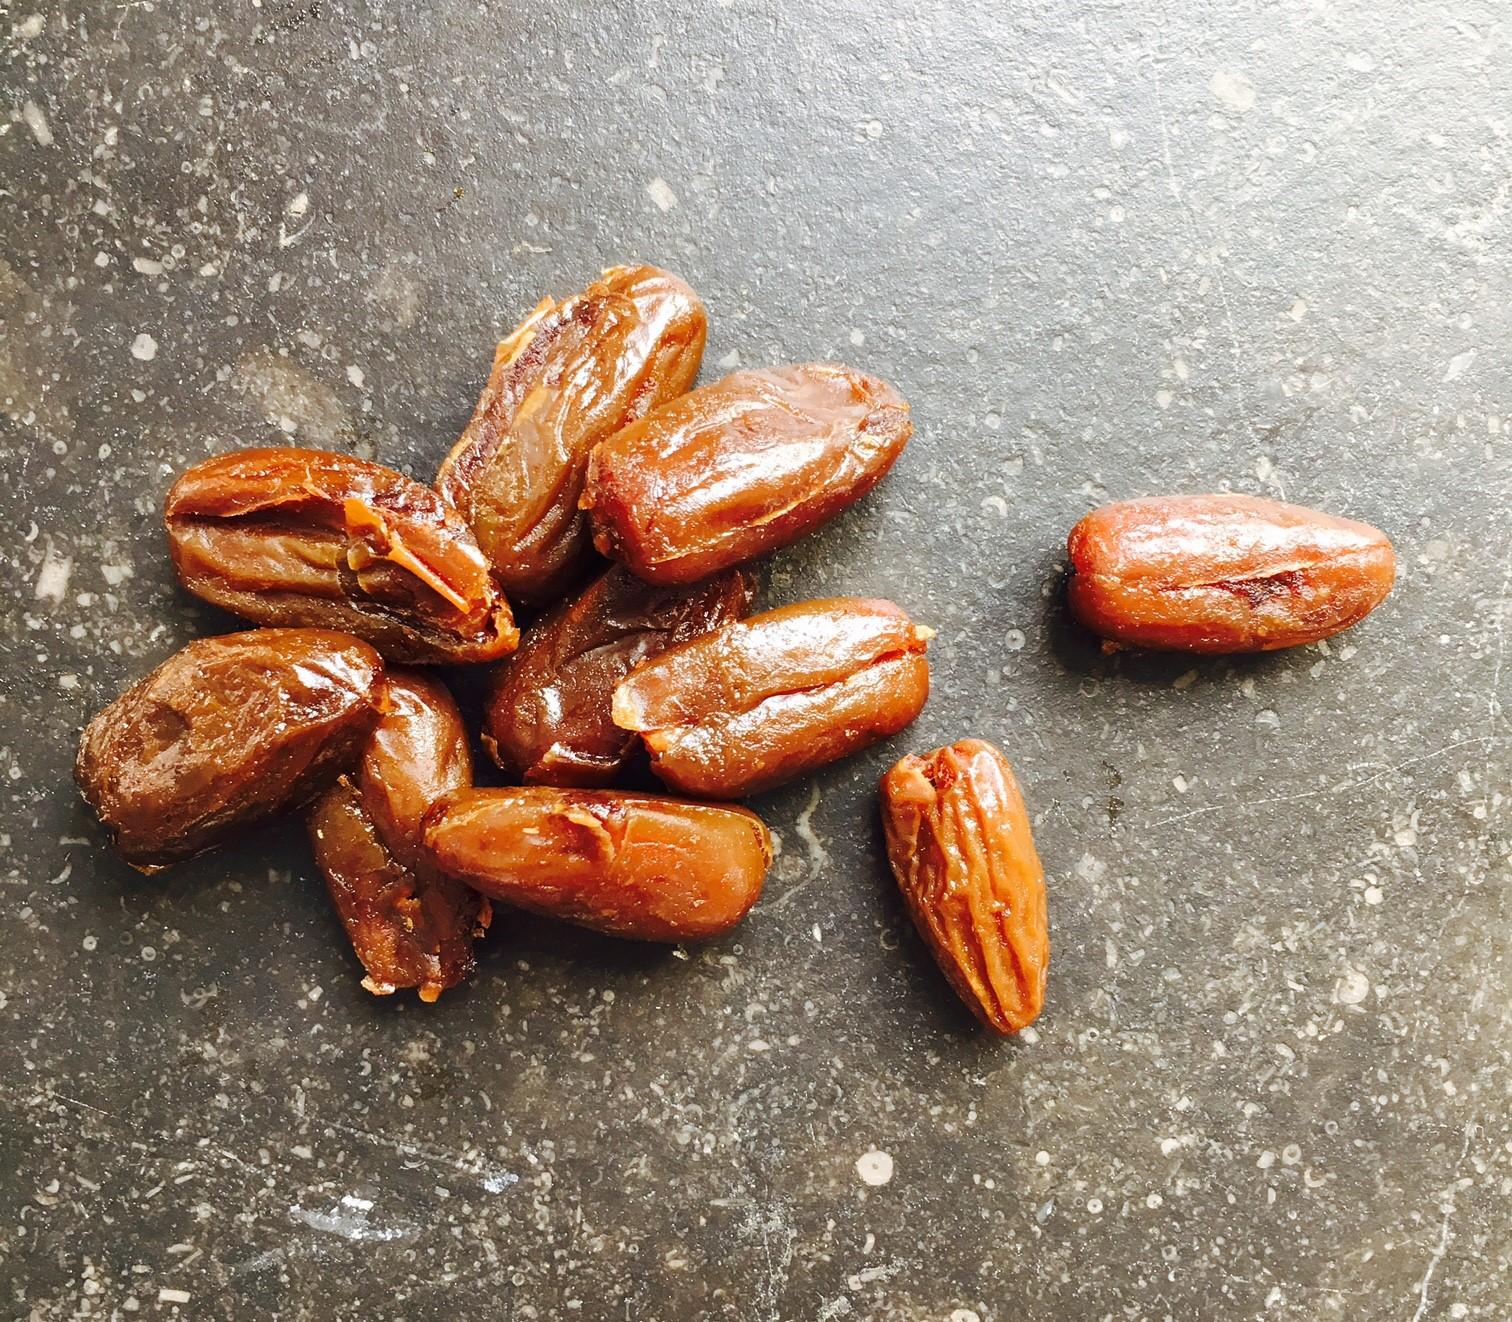 La datte fruit sec riche en glucides et en fibres mais pas de fer ysabelle levasseur - Fruits pauvres en glucides ...